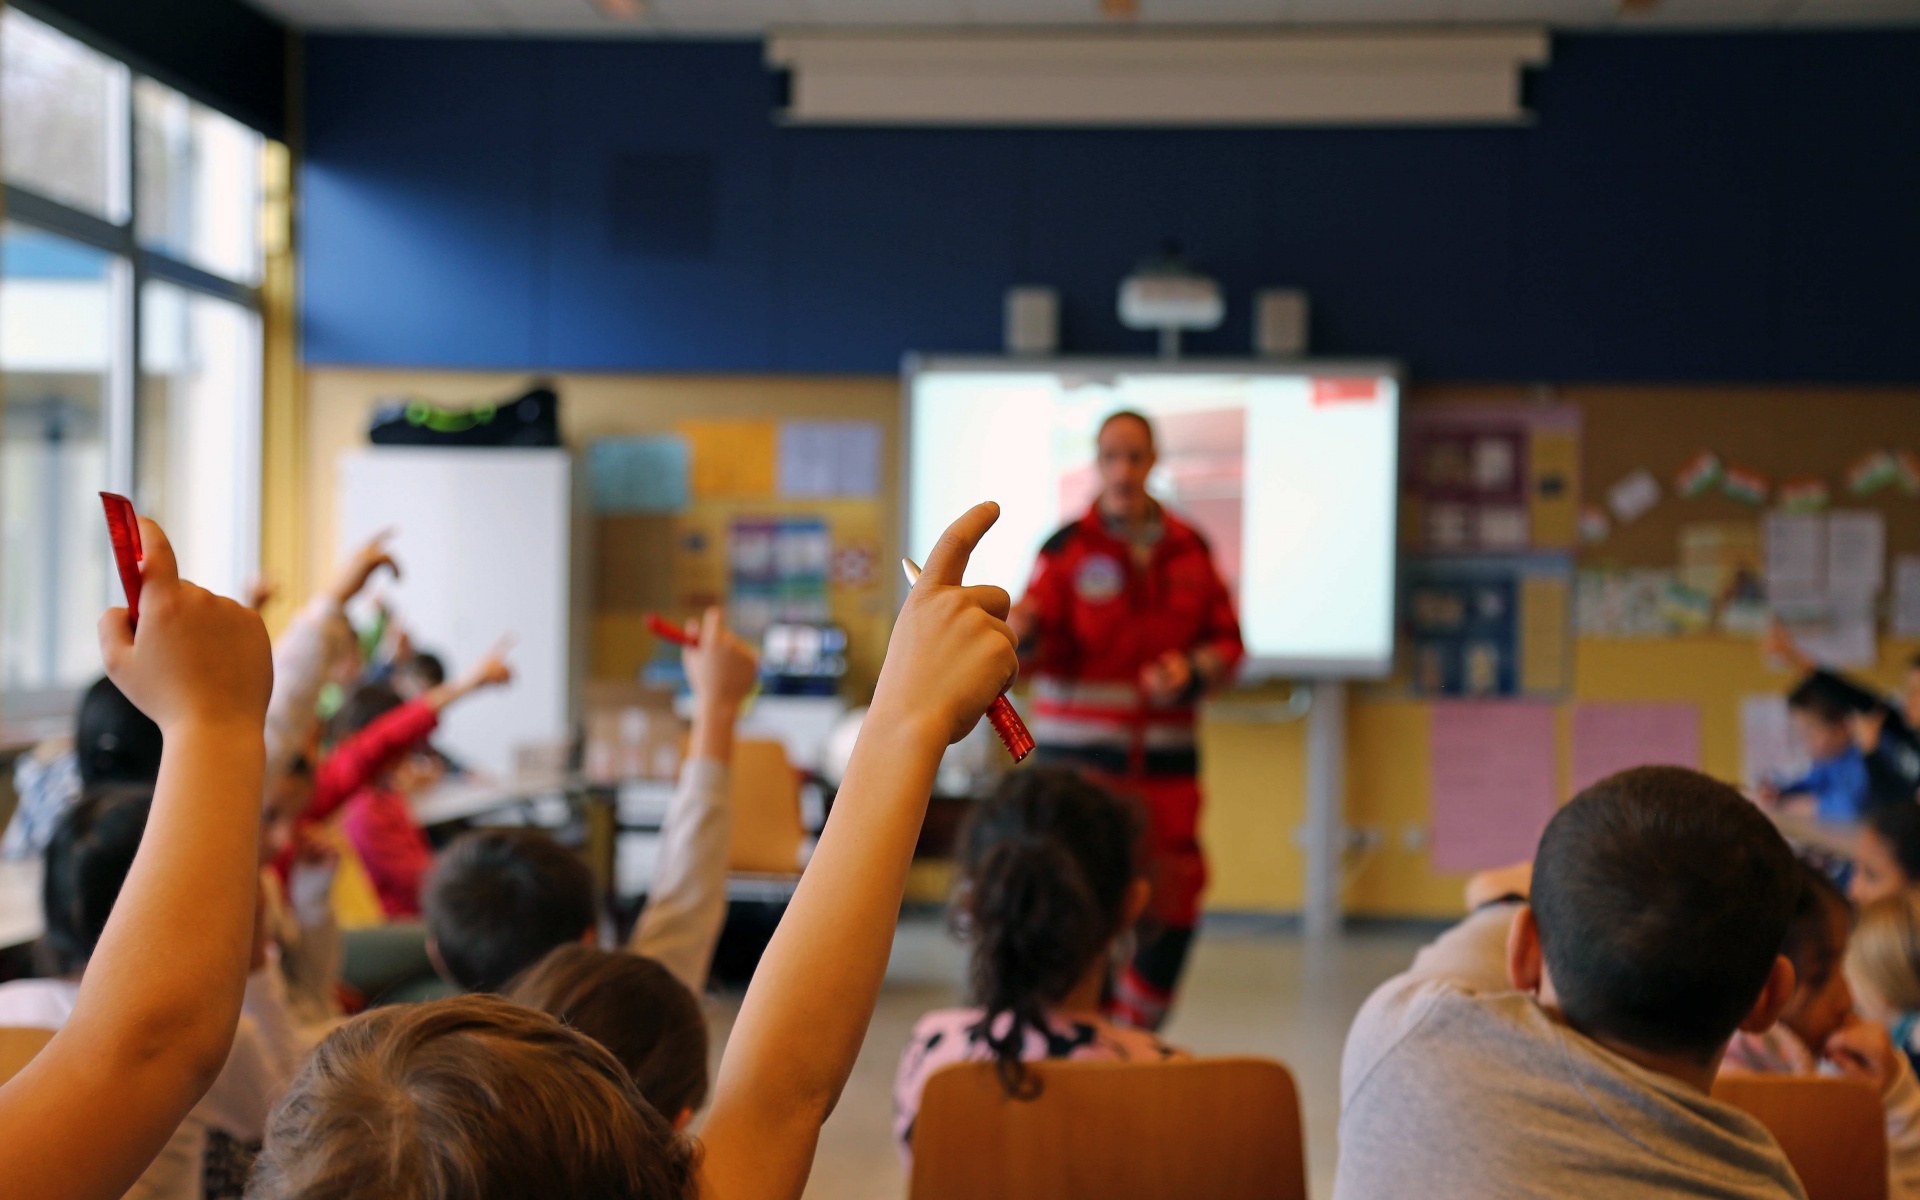 Beim abschießenden Rätsel konnten die Kinder die verschiedenen Fragen zur Luftrettung alle bestens beantworten. Foto: Jana Brunck